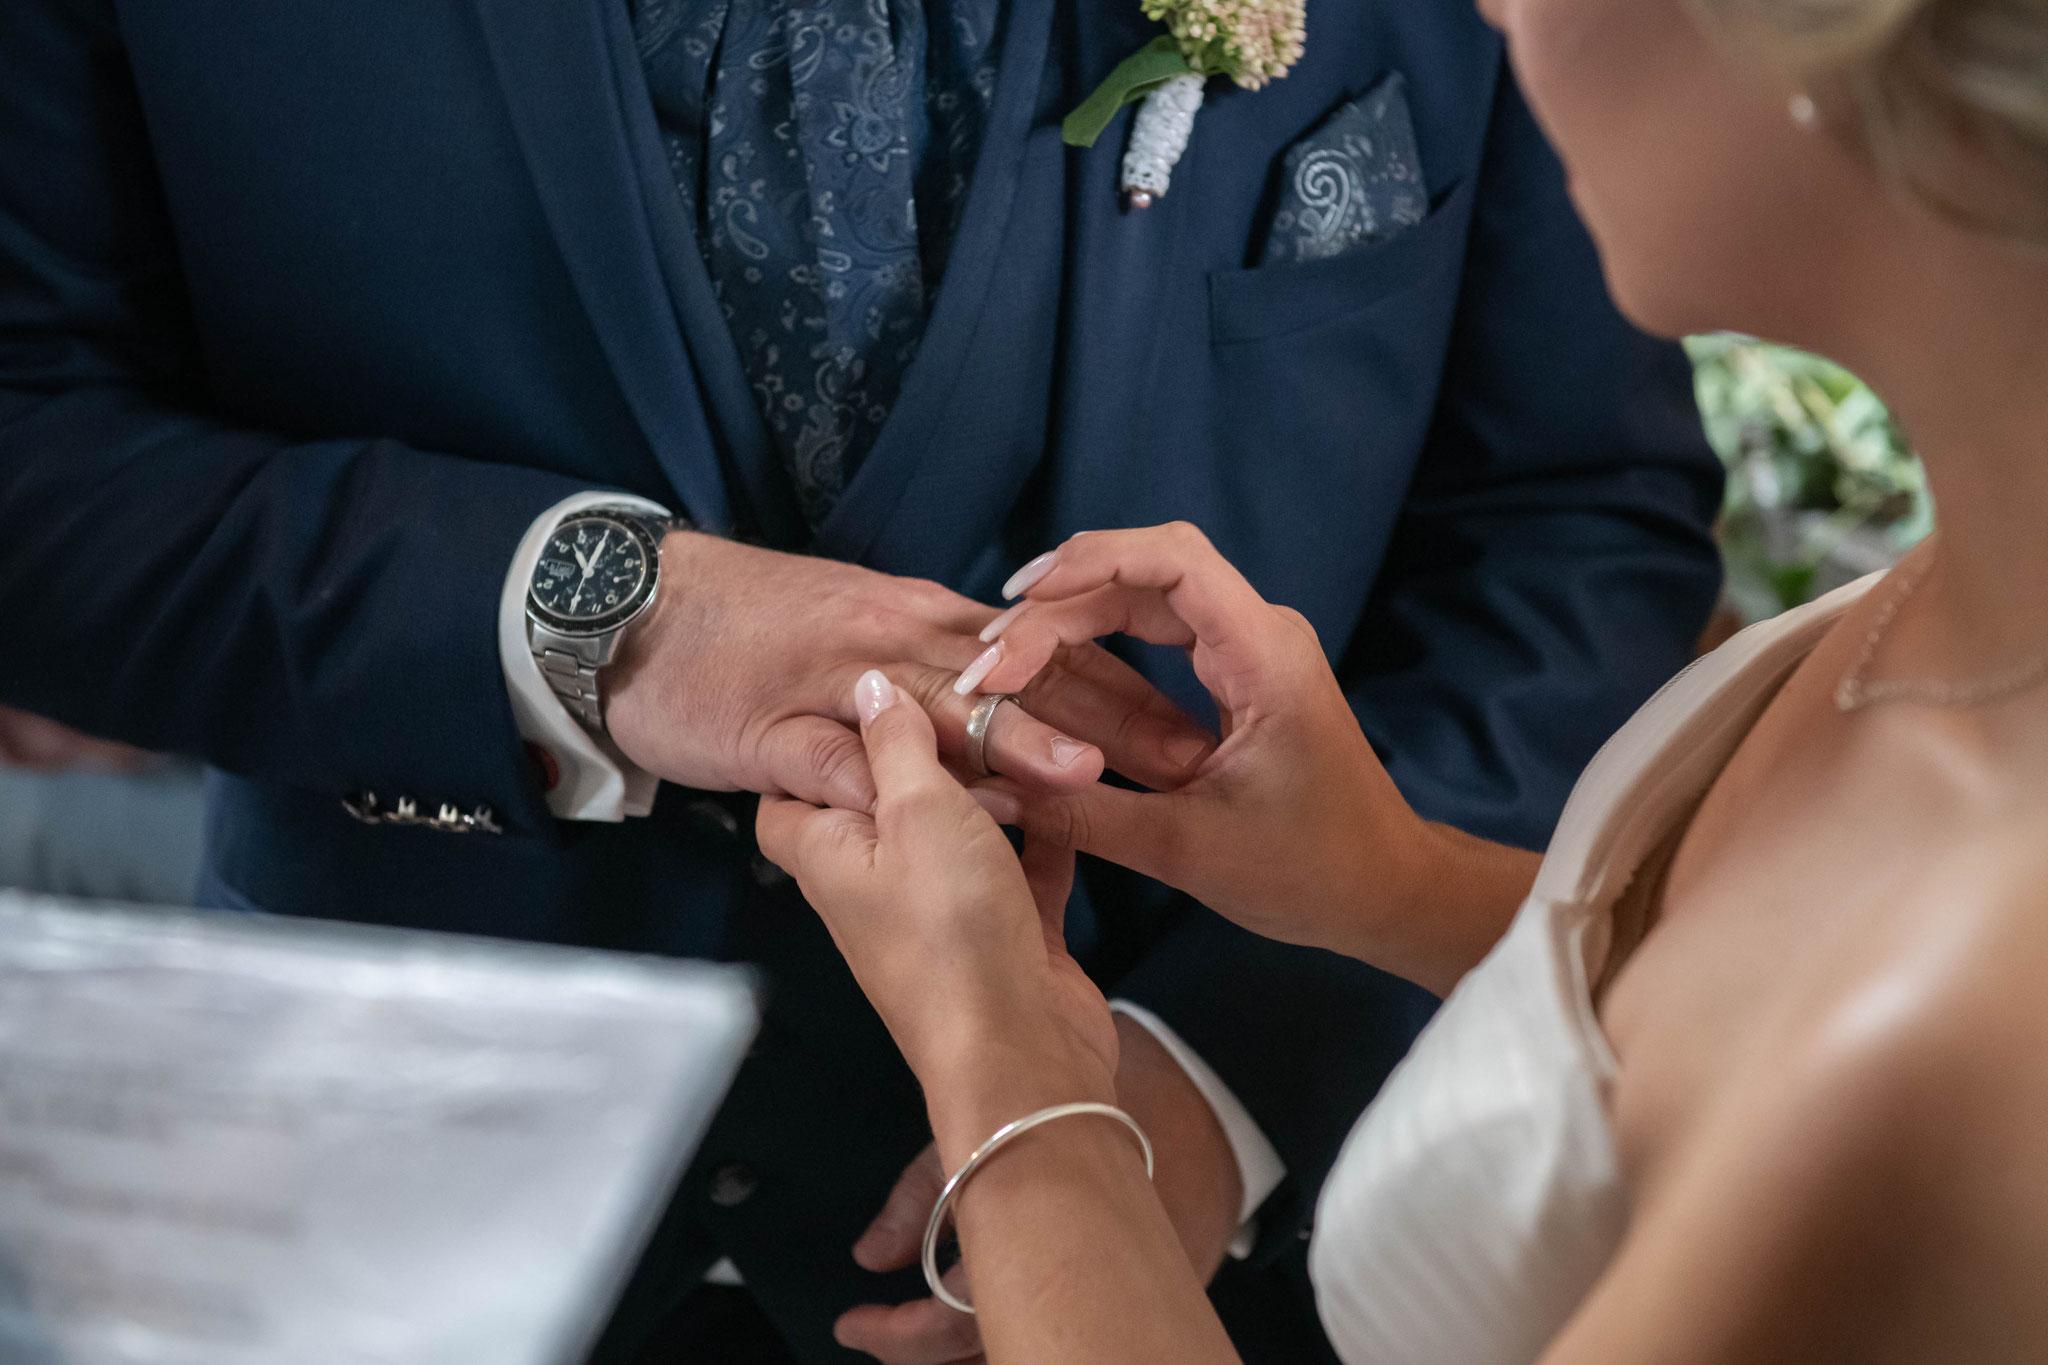 Braut steckt dem Bräutigam den Trauring an